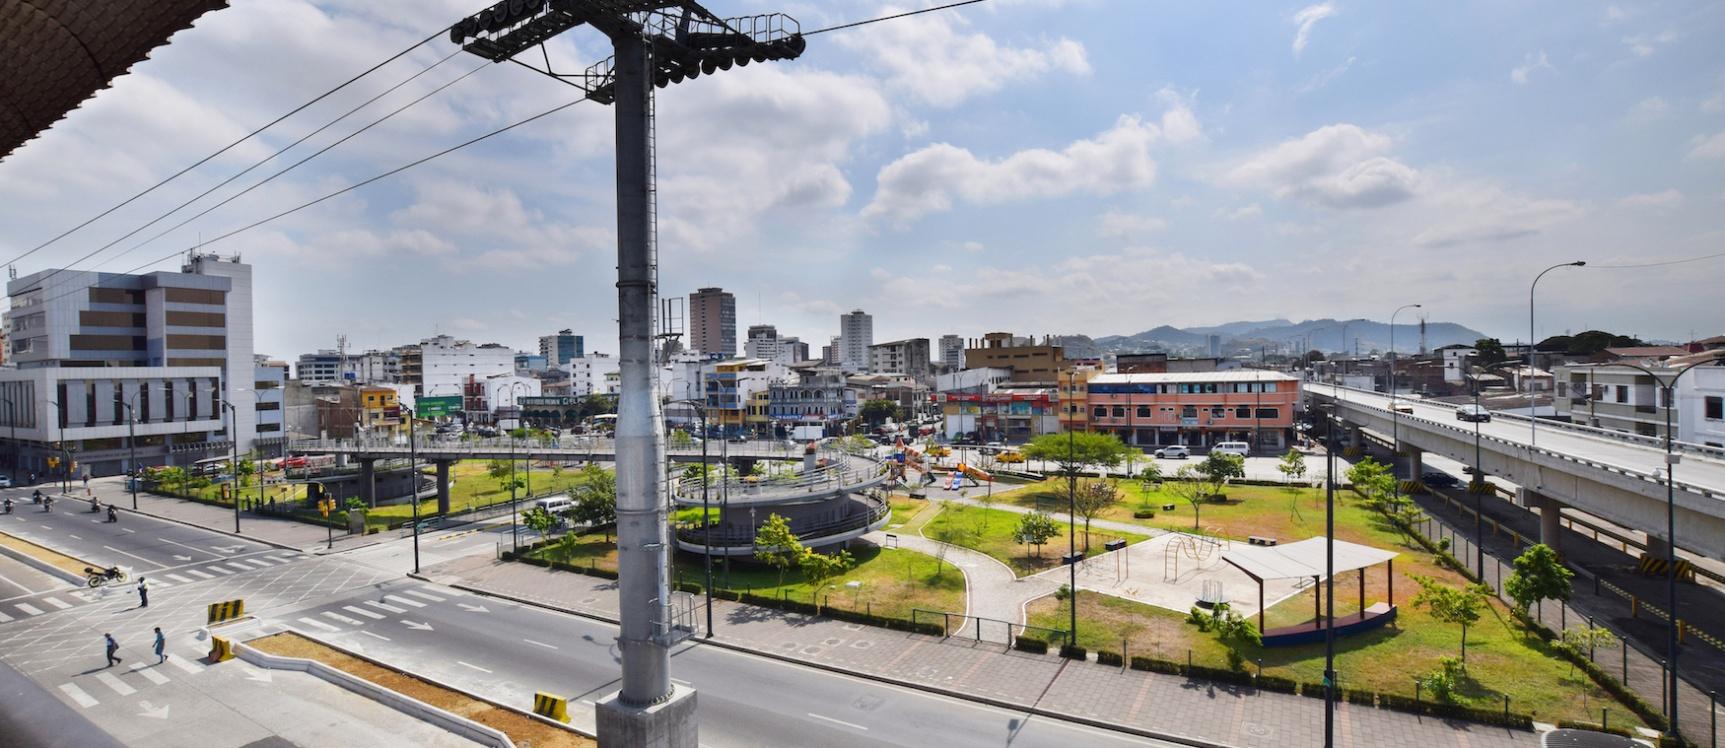 GeoBienes - Local Comercial en alquiler ubicado en el Centro de Guayaquil - Plusvalia Guayaquil Casas de venta y alquiler Inmobiliaria Ecuador